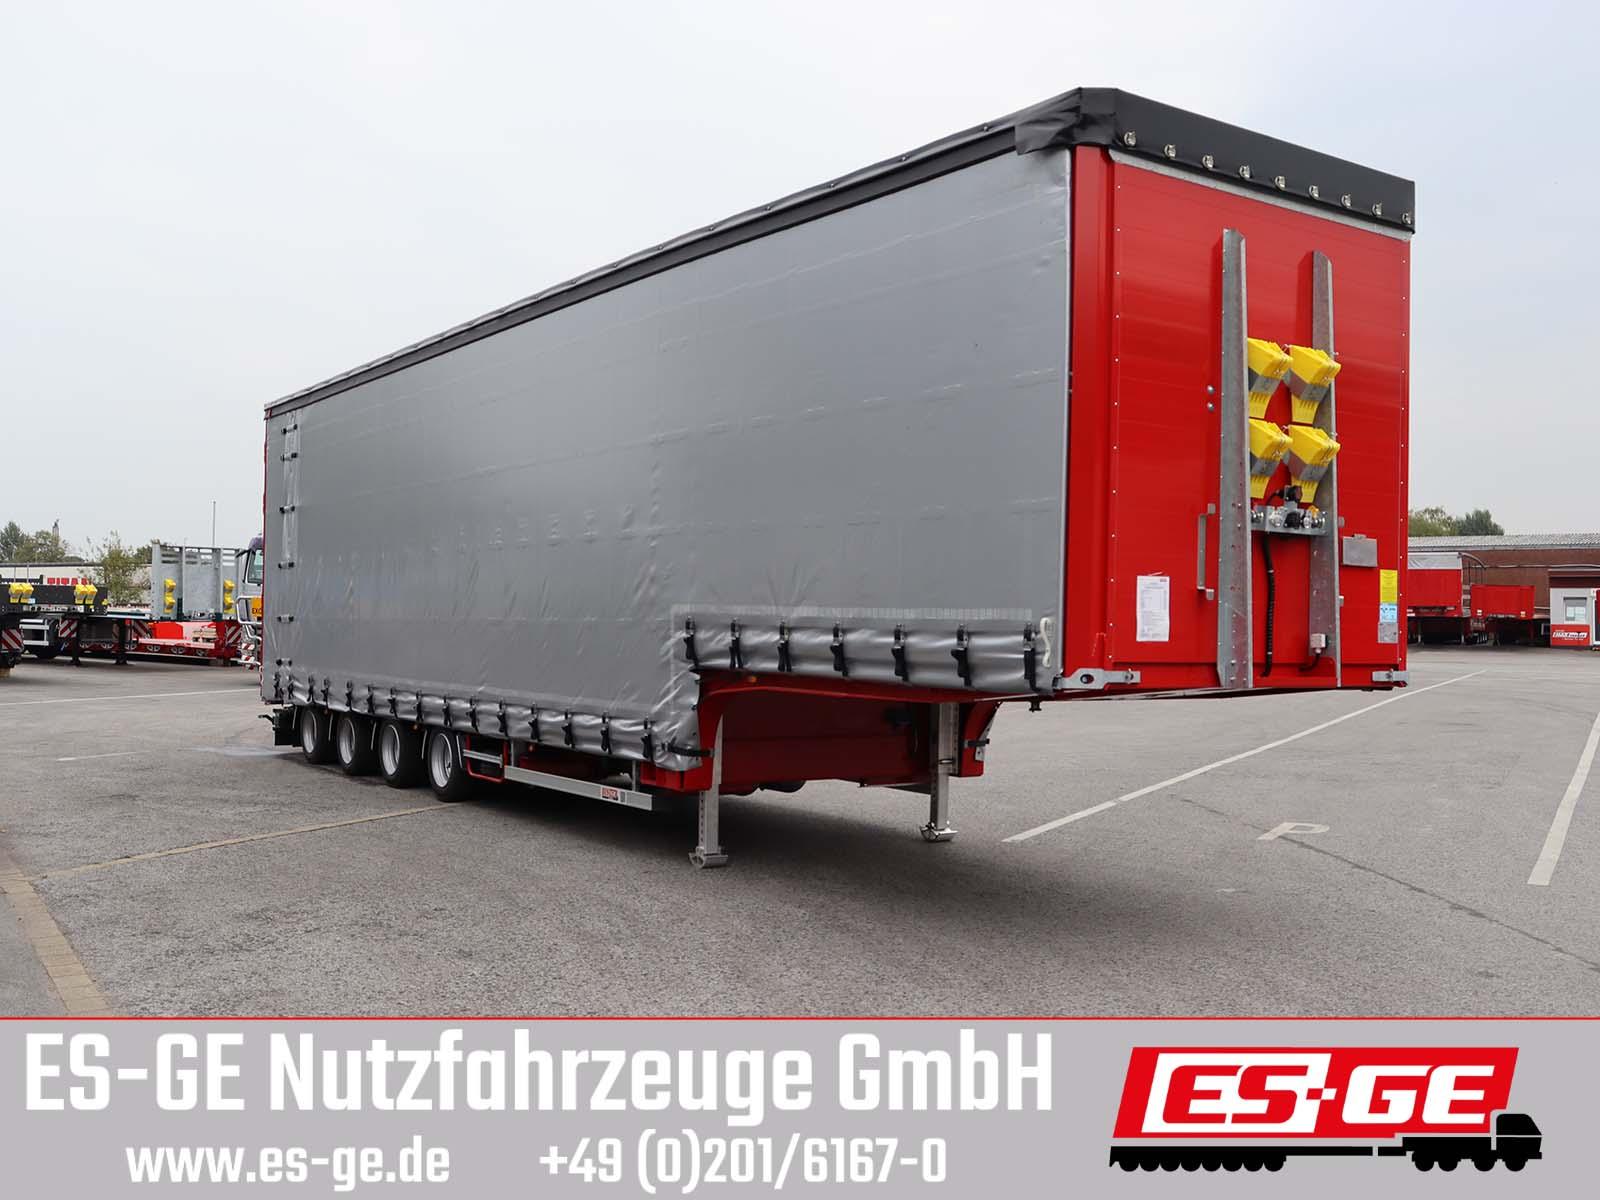 ES-GE 4-Achs-Satteltieflader mit Curtainsider-Aufbau